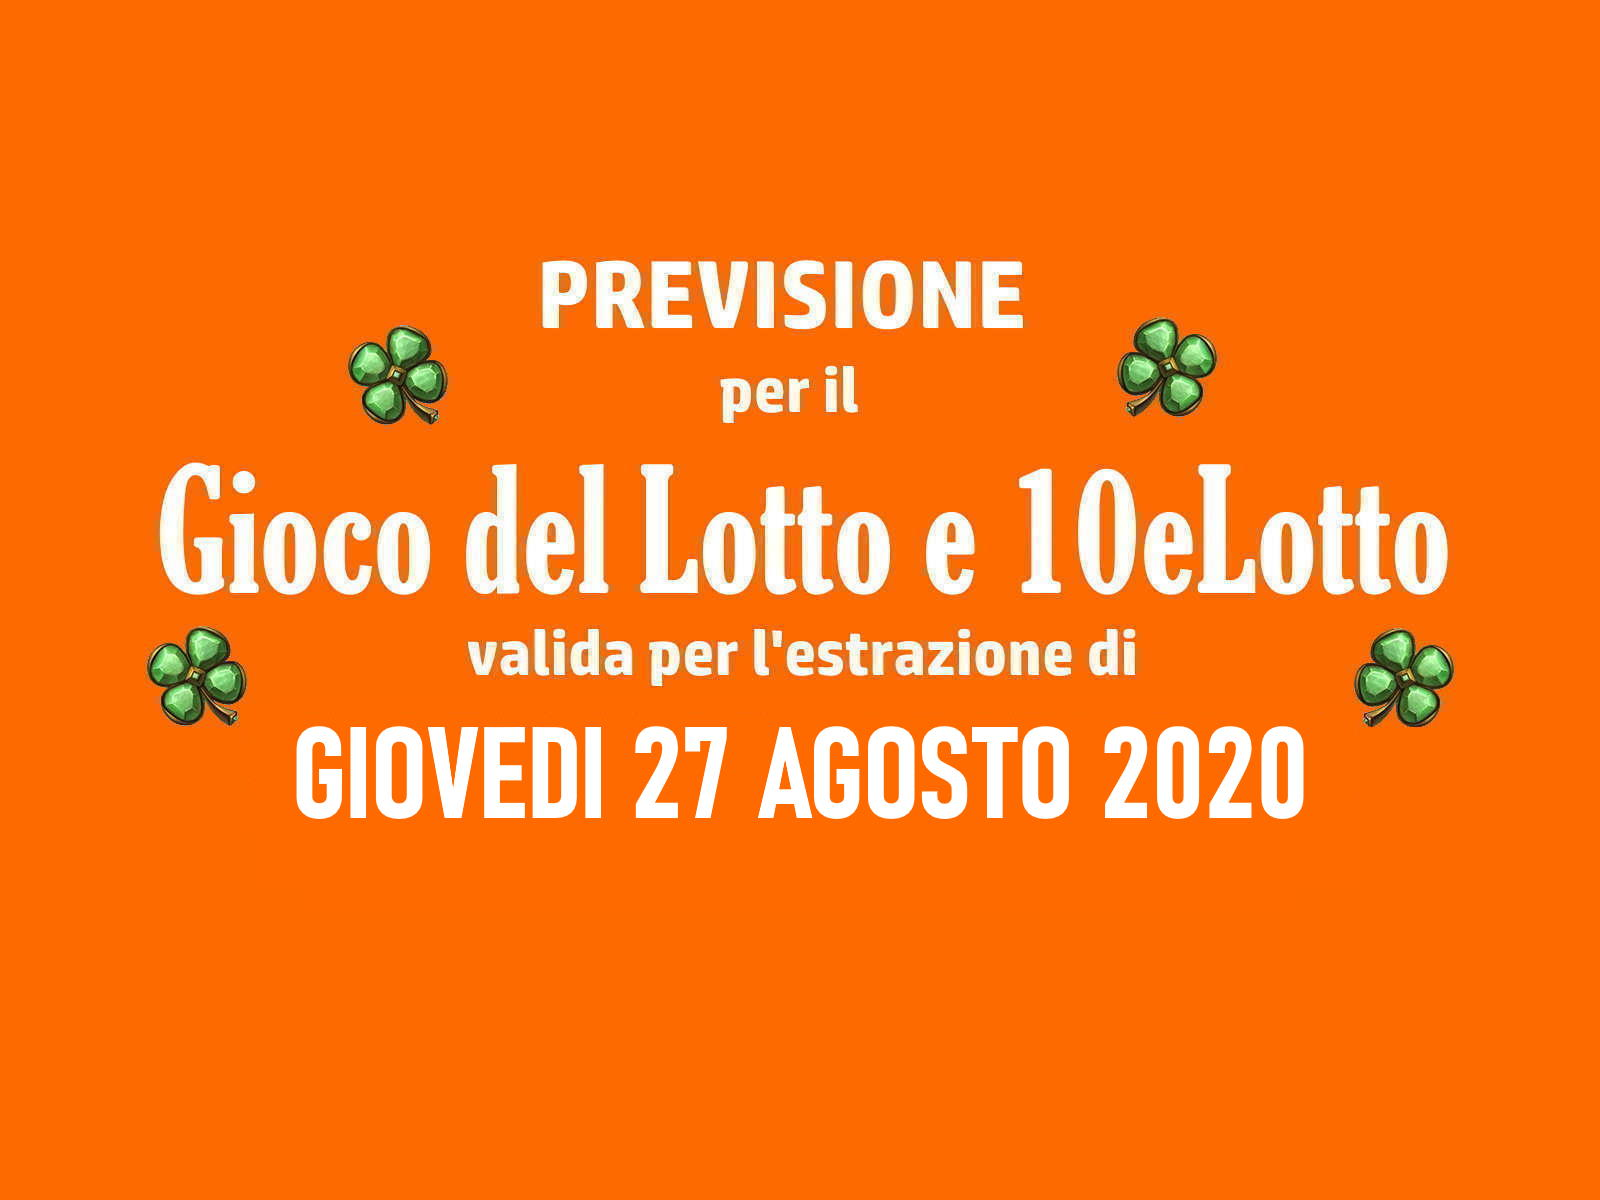 Previsione Lotto 27 Agosto 2020